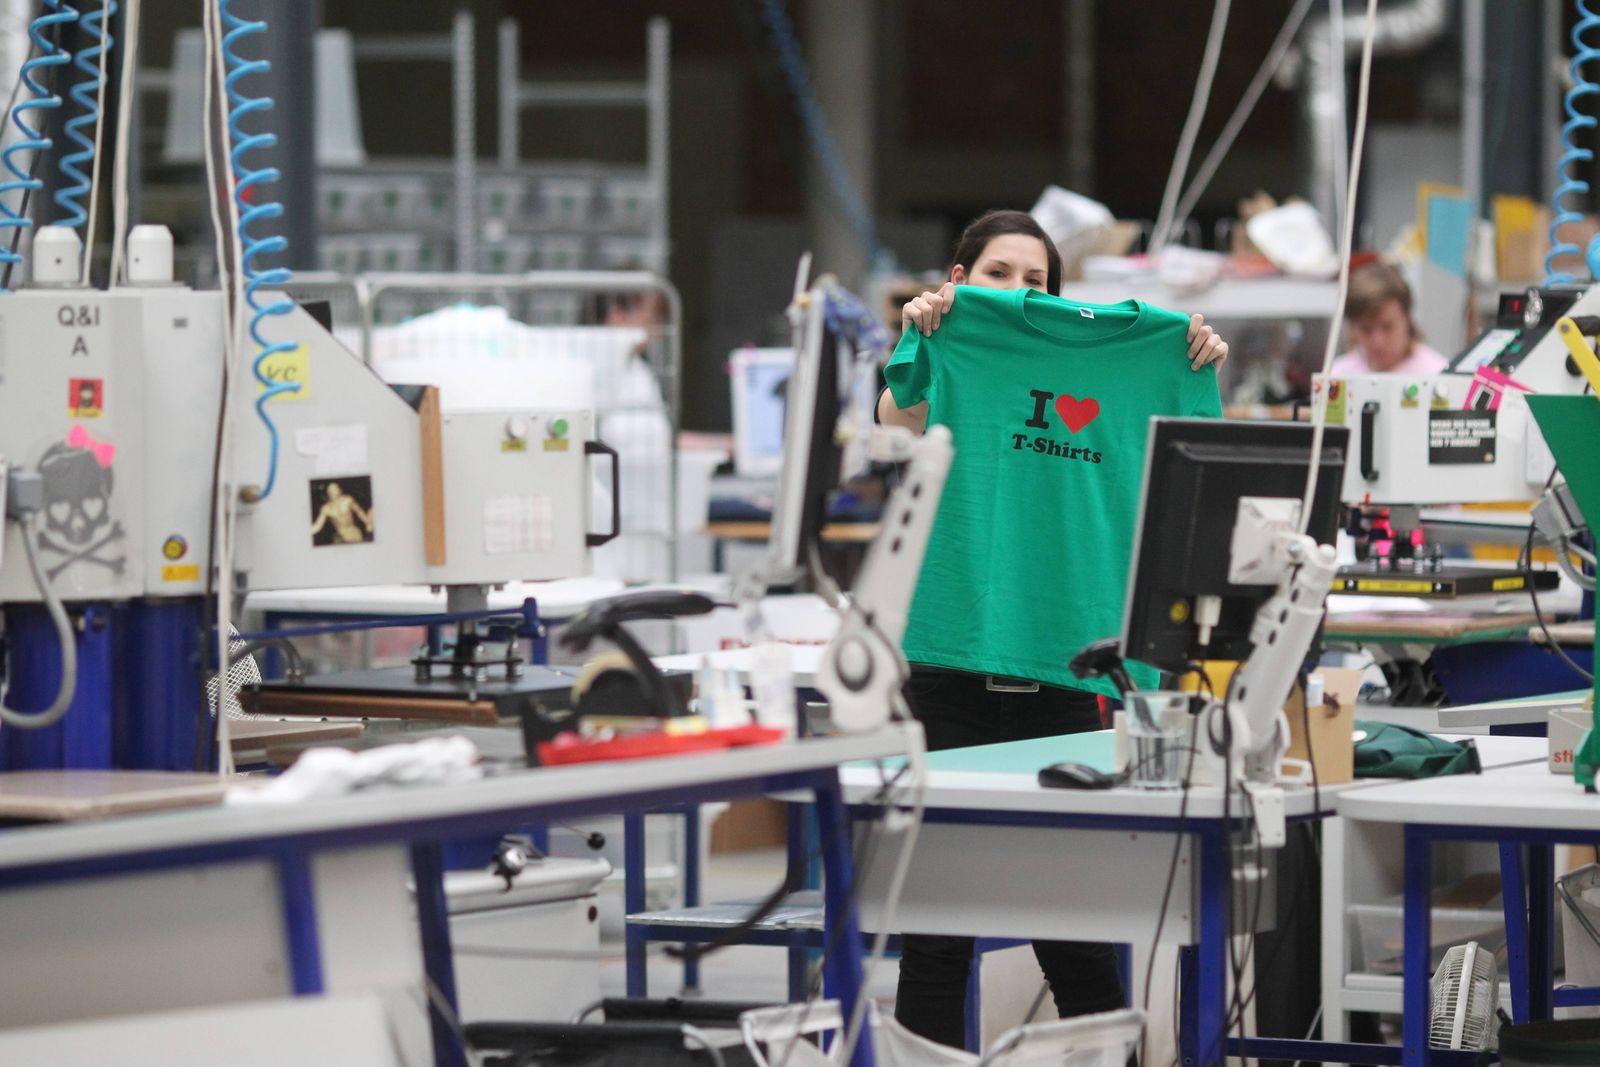 Spread Shirt Social Commerce Unternehmen Spread Shirt in Leipzig am 02 07 14